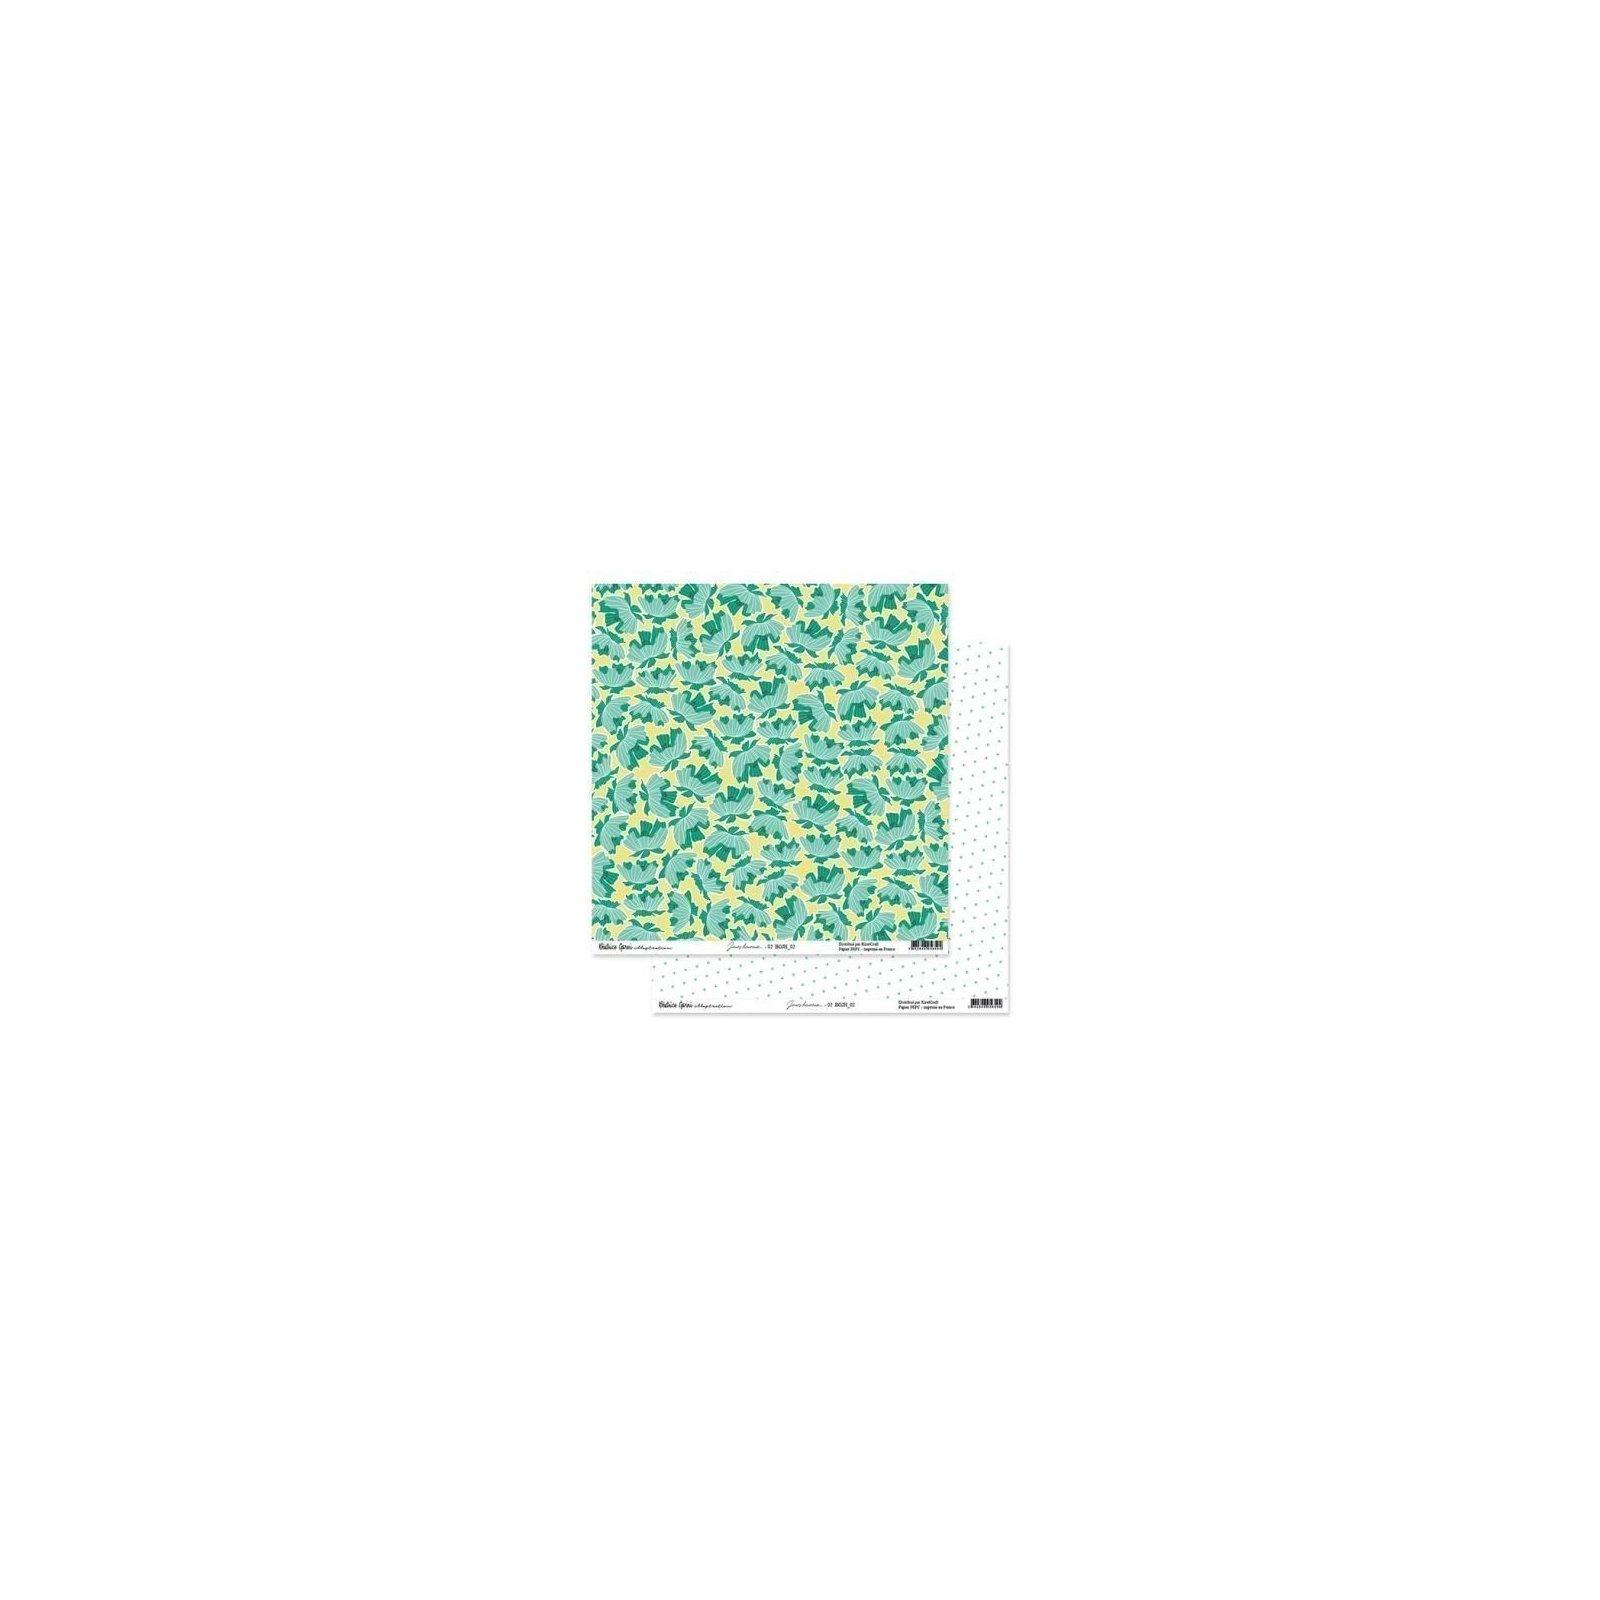 Papier 30x30 - 02 - Jours heureux - Béatrice Garni